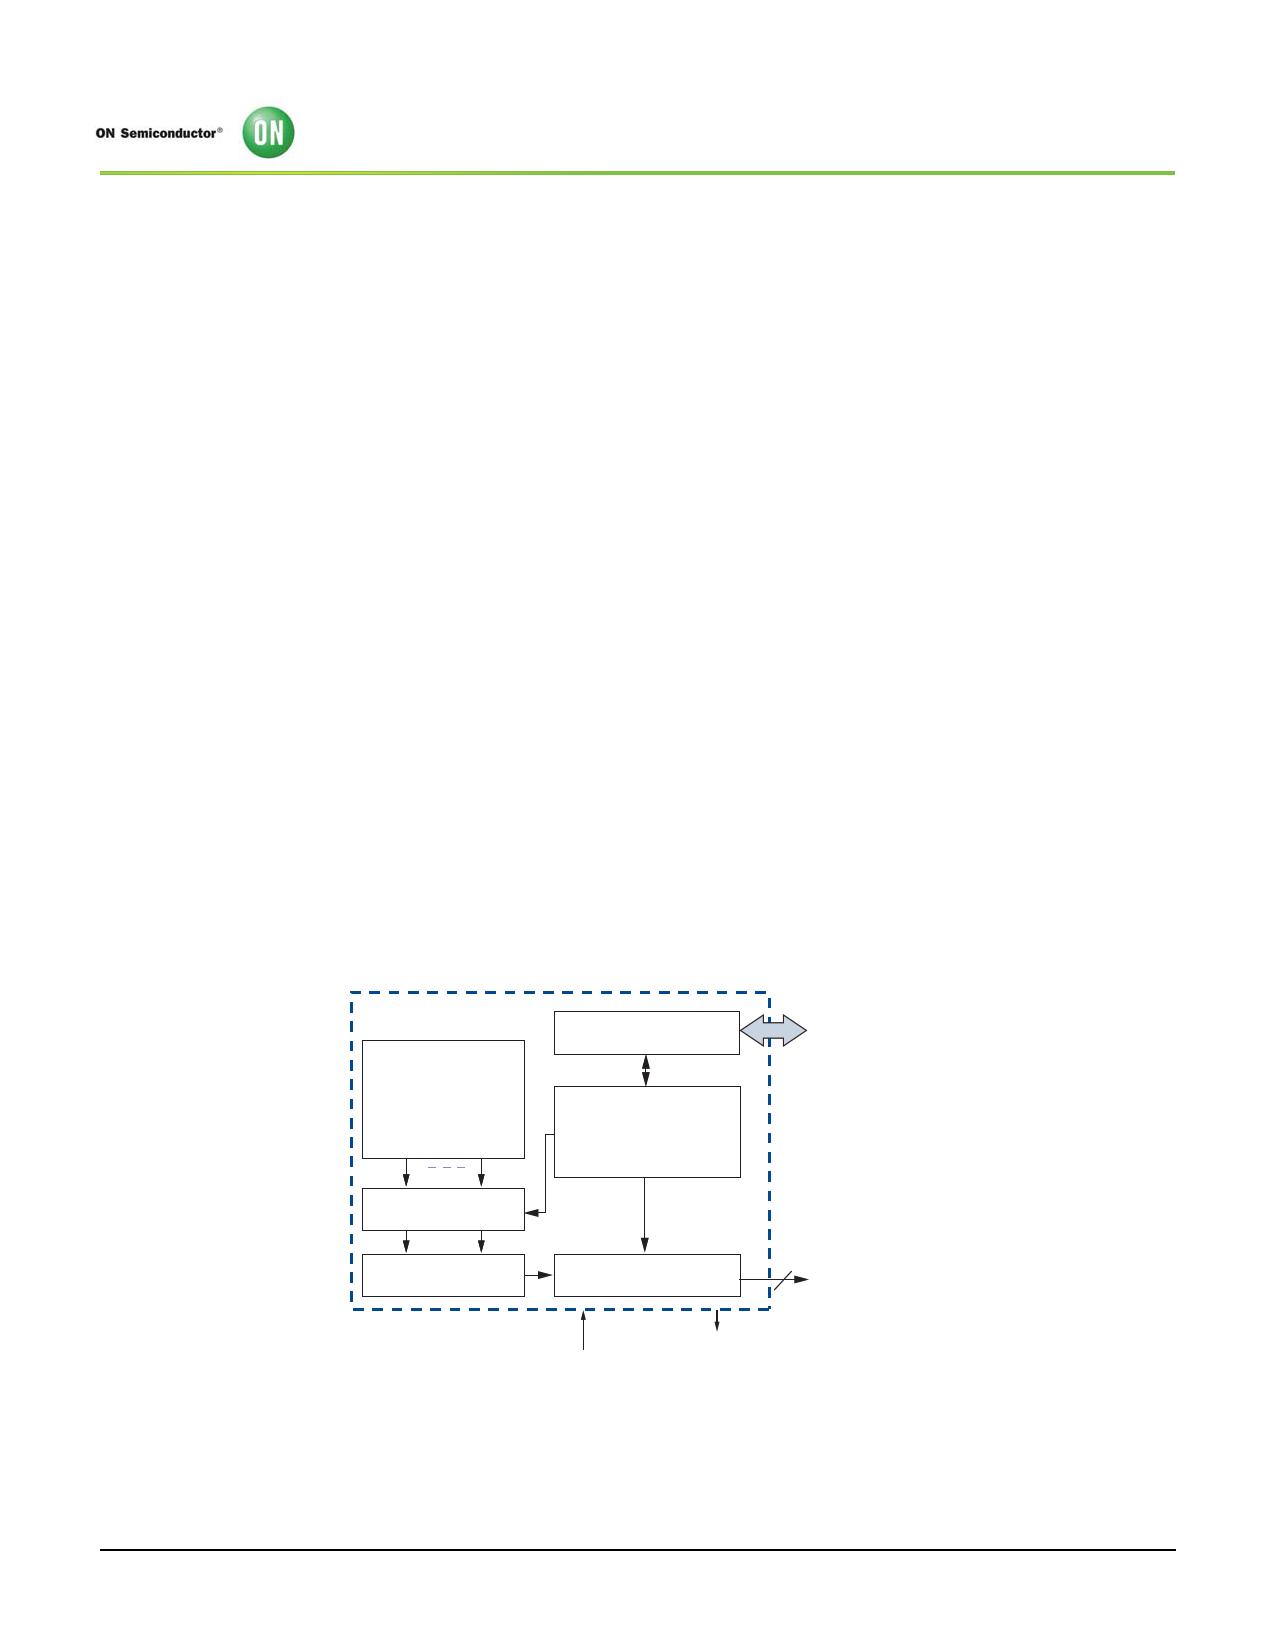 MT9V023 電子部品, 半導体